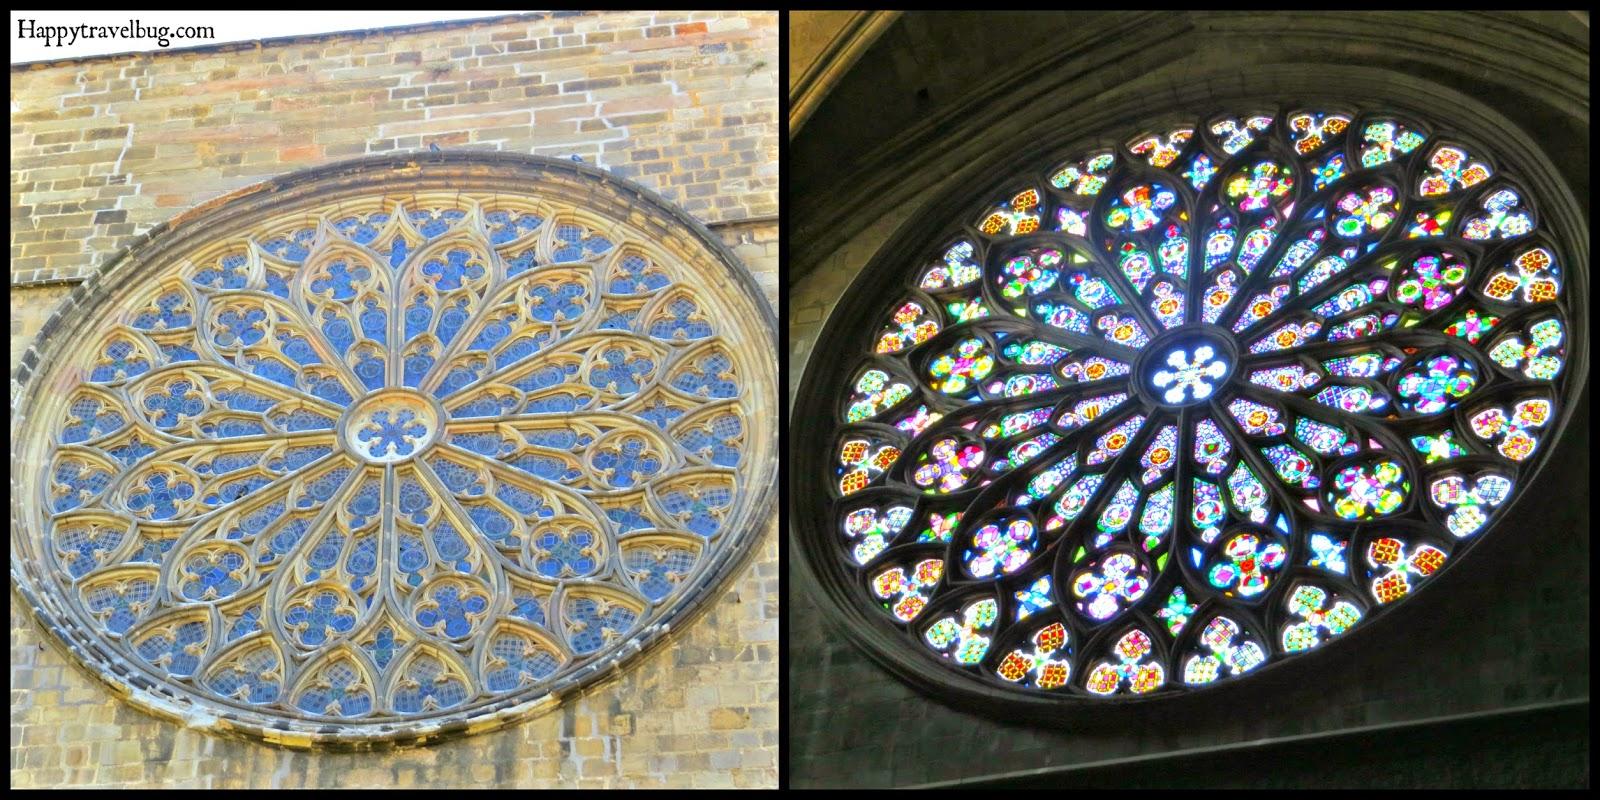 Stained glass window in The Basilica Santa Maria del Pi